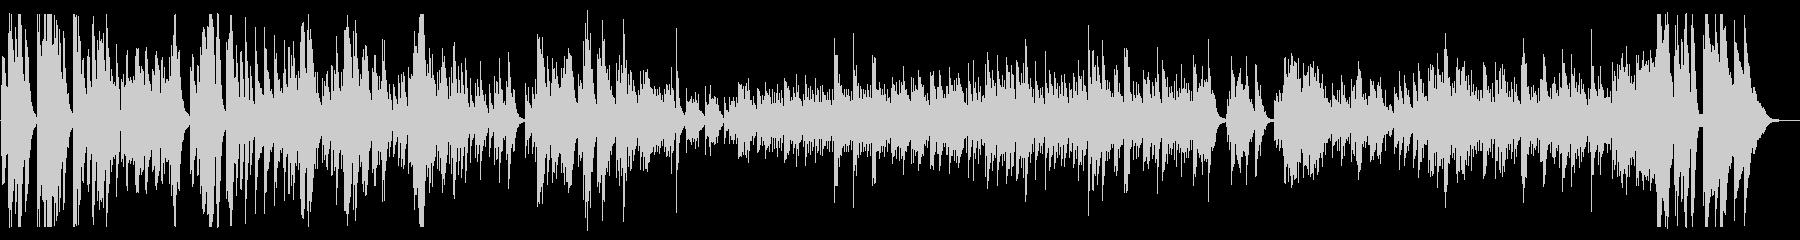 ブラームスのソナタの未再生の波形